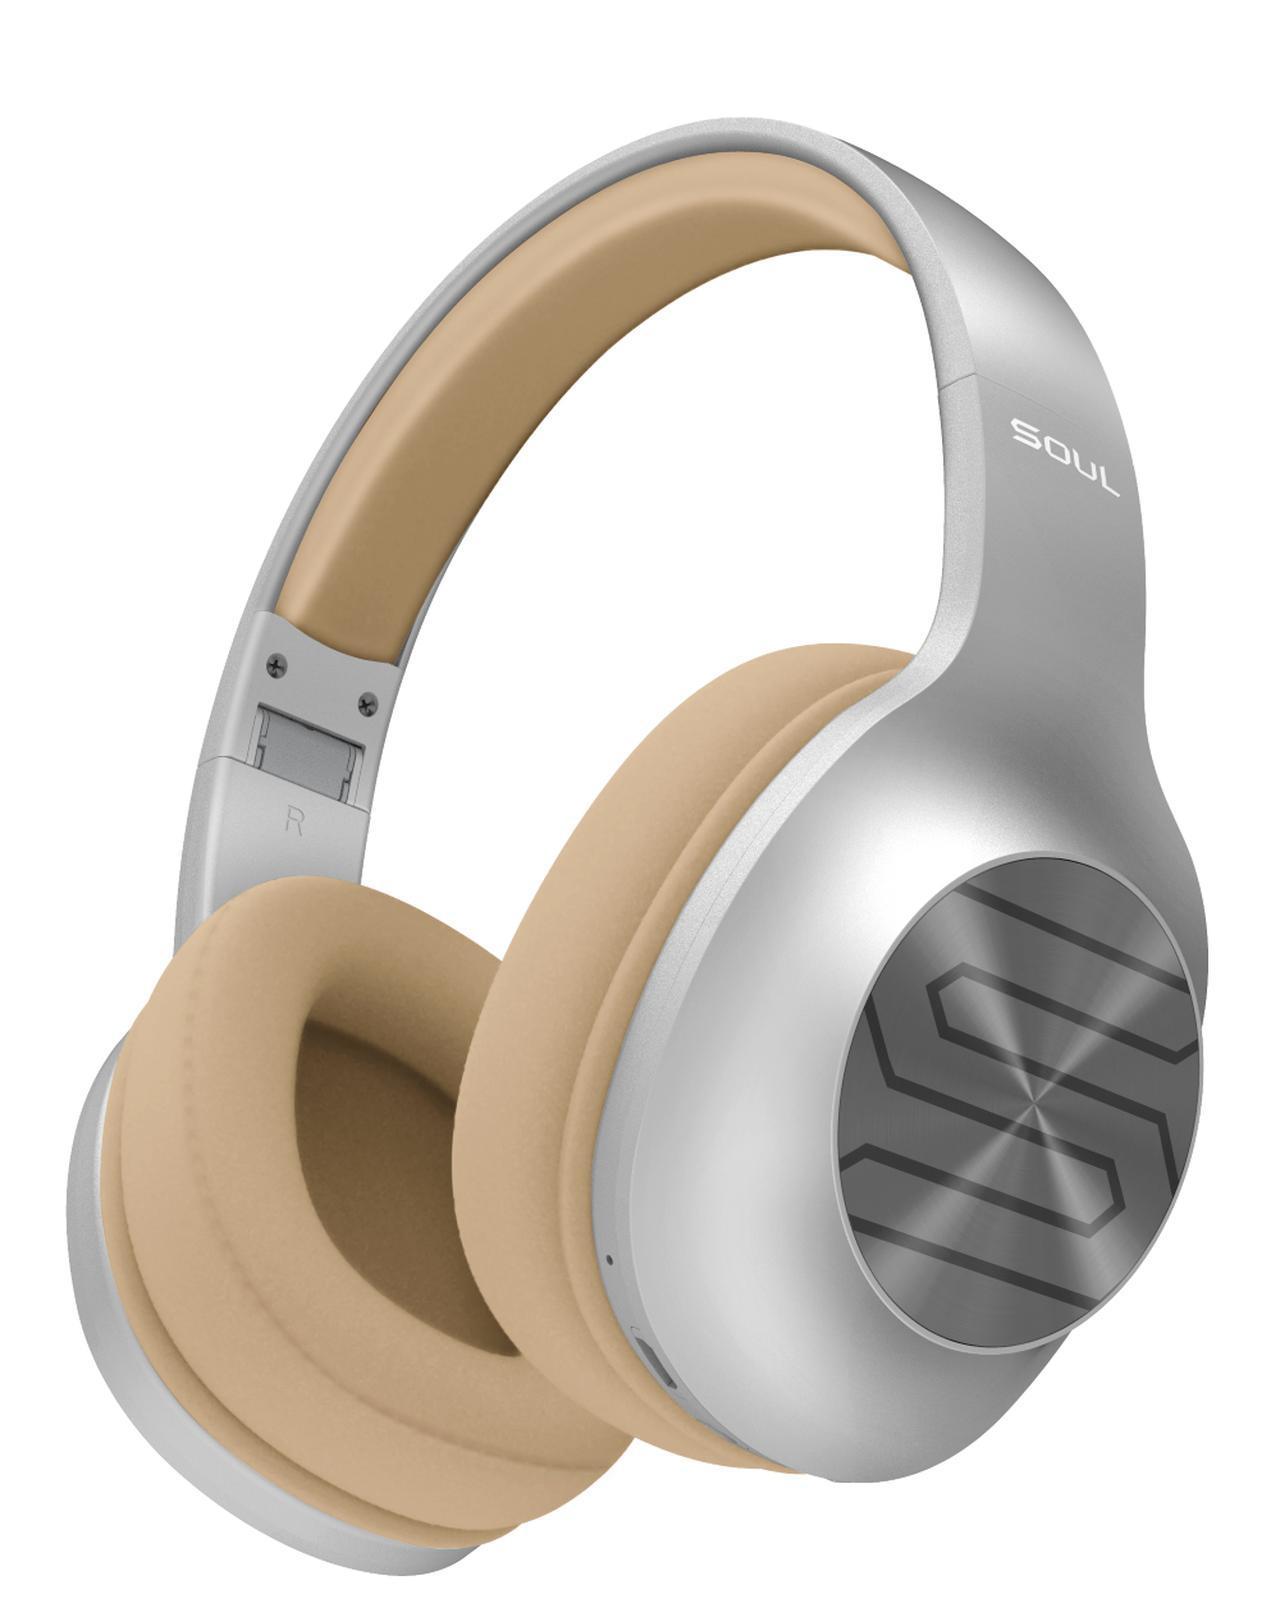 画像2: SOUL、ANC対応のワイヤレスヘッドホン「EMOTION MAX」、ハイデザインのコスパモデル「ULTRA Wireless」を8月中旬に発売